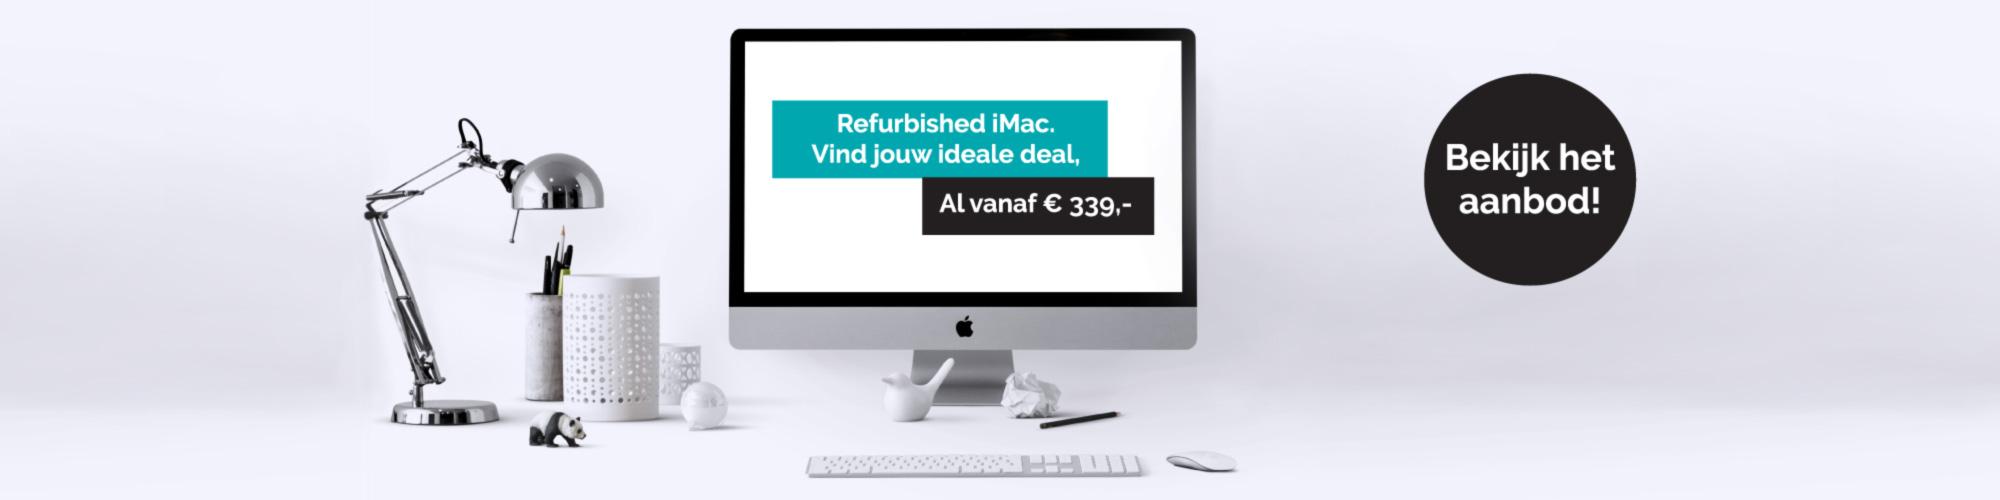 Gebruikte Apple Producten banner 2